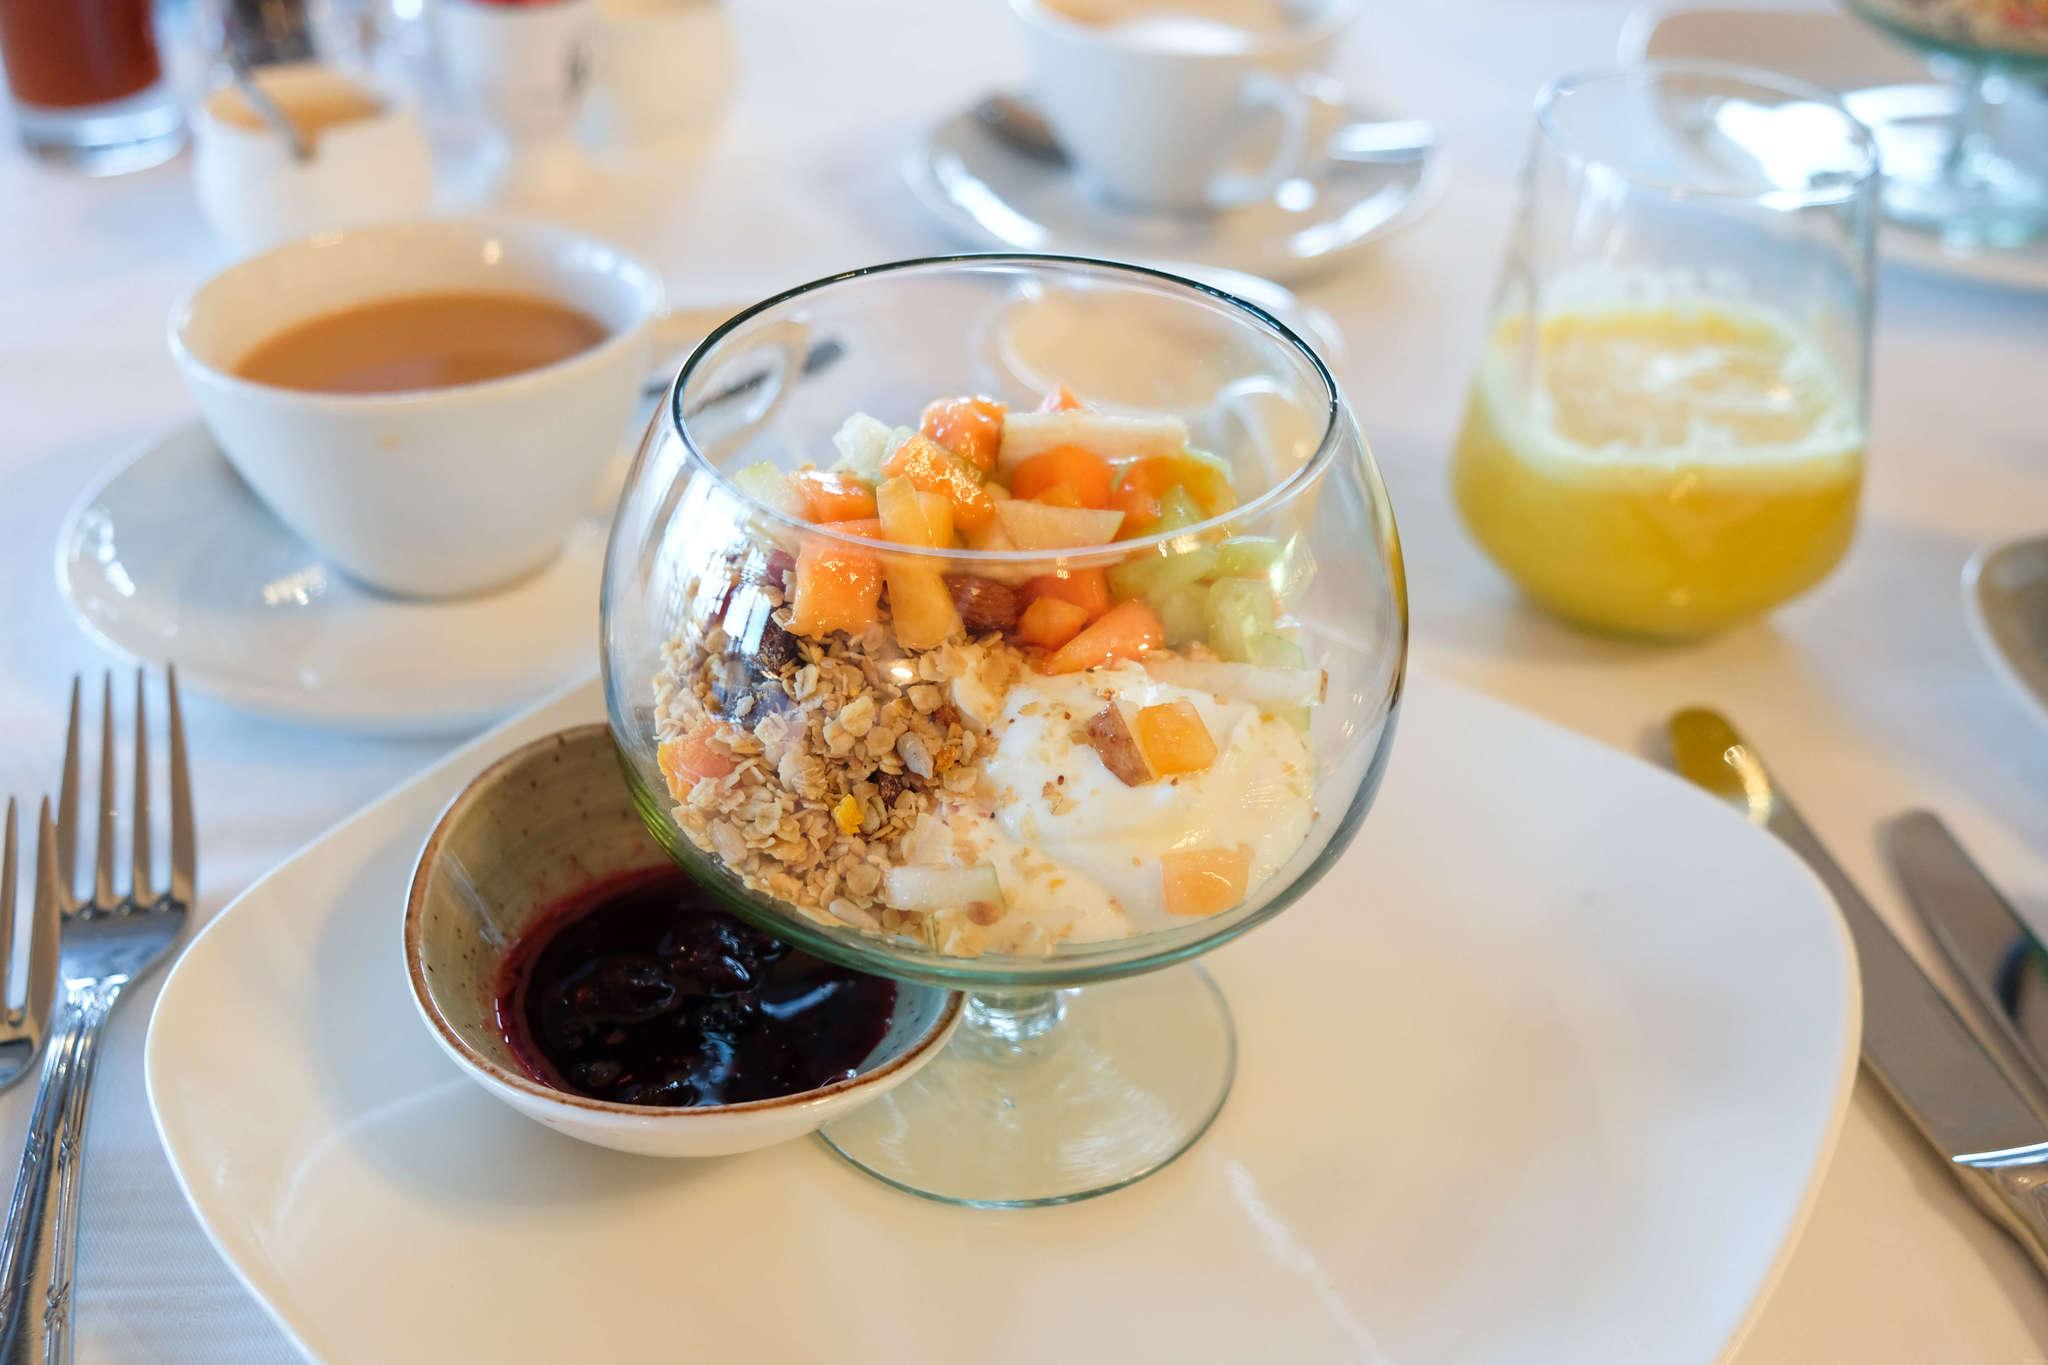 Breakfast at Tintswalo